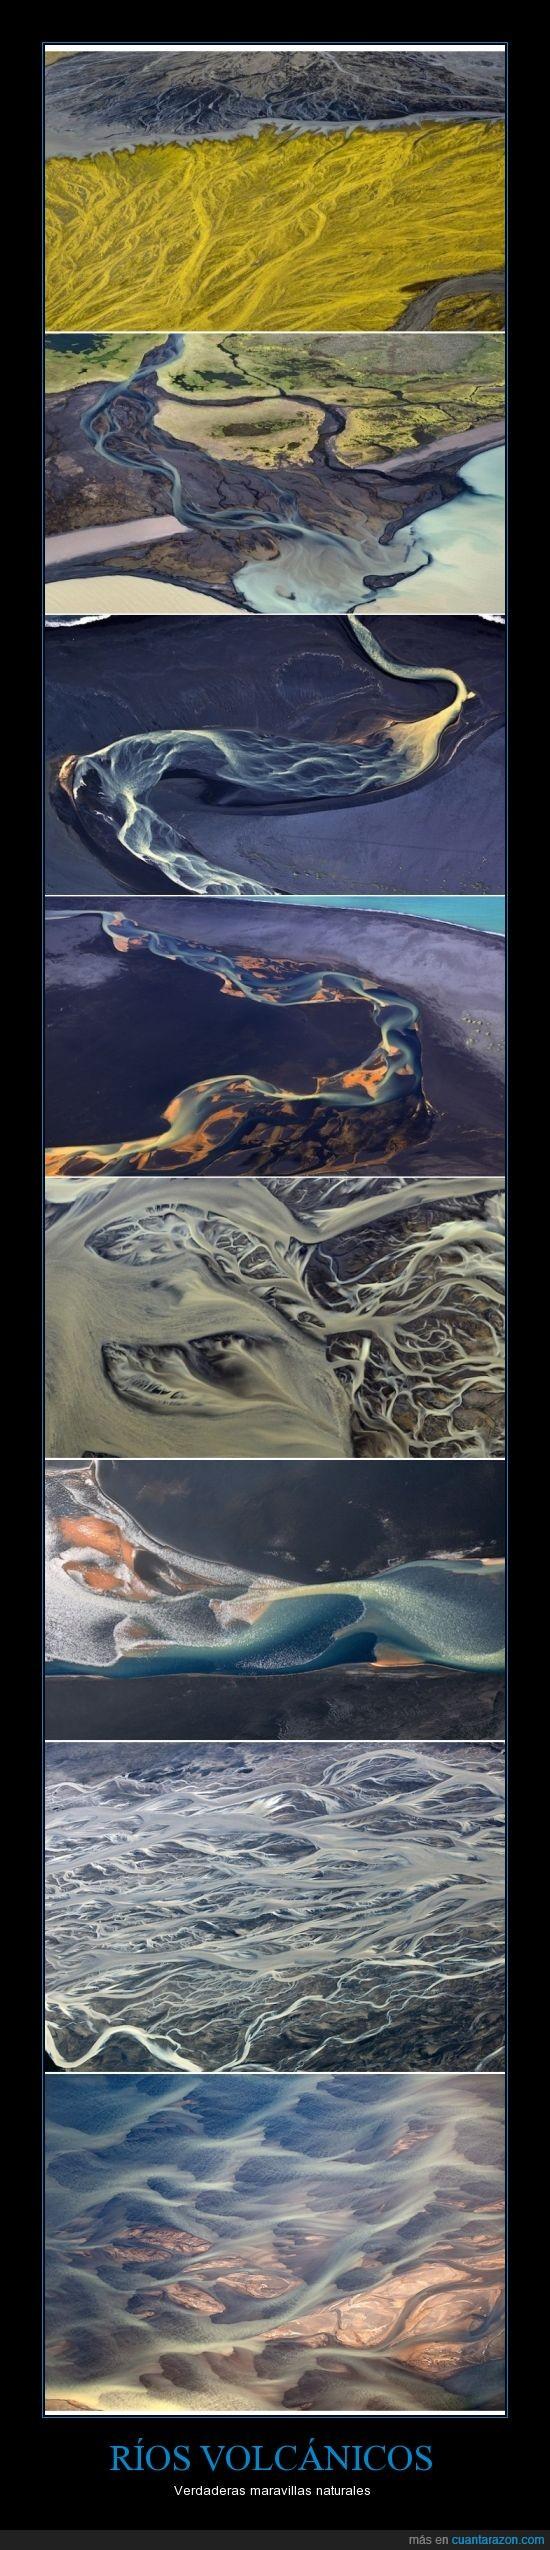 ceniza,lava,naturaleza,rio,volcanico